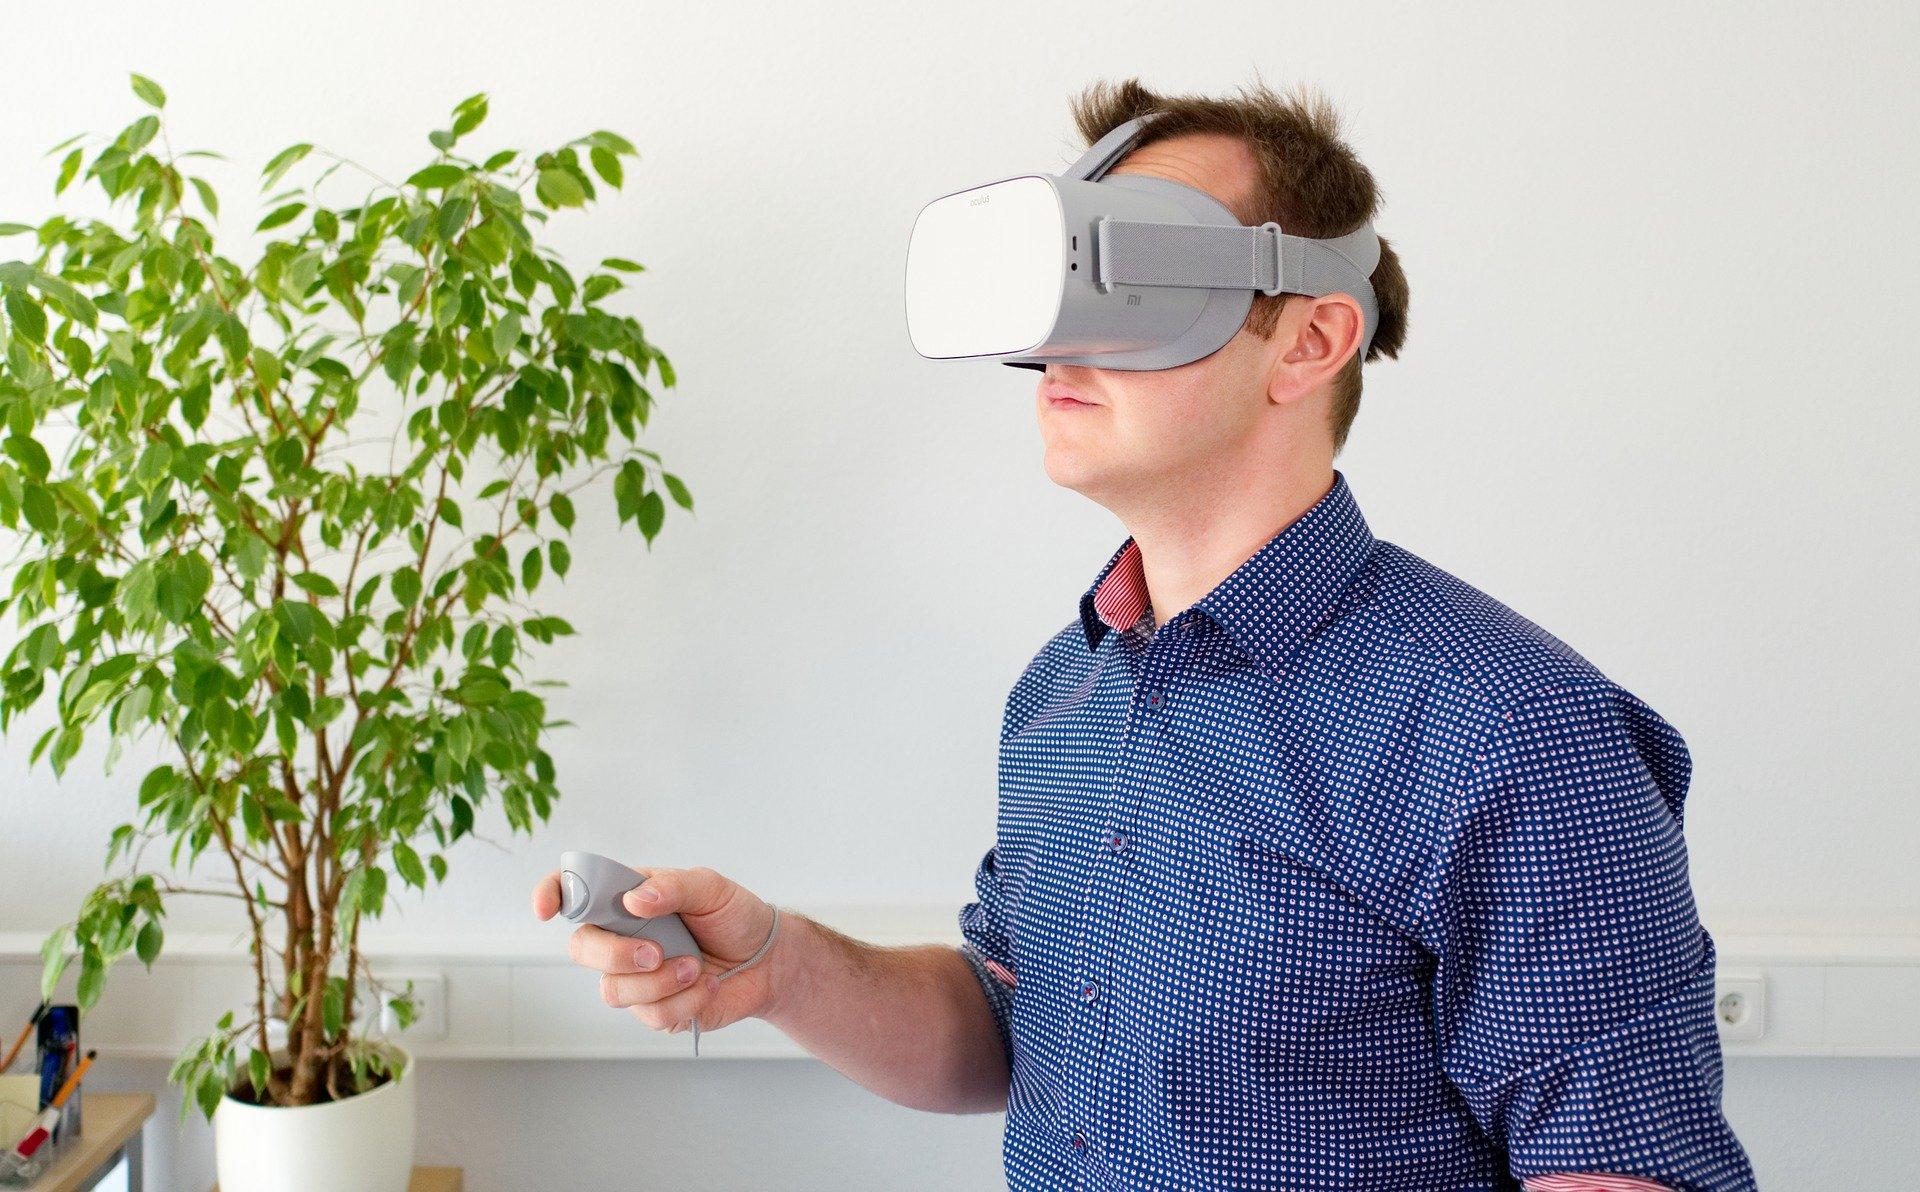 L'anxiété peut être réduite chez les patients qui en sont victimes en les exposant à des stimulis liés à leurs phobies dans des environnements virtuels thérapeutiques - (c) pixabay